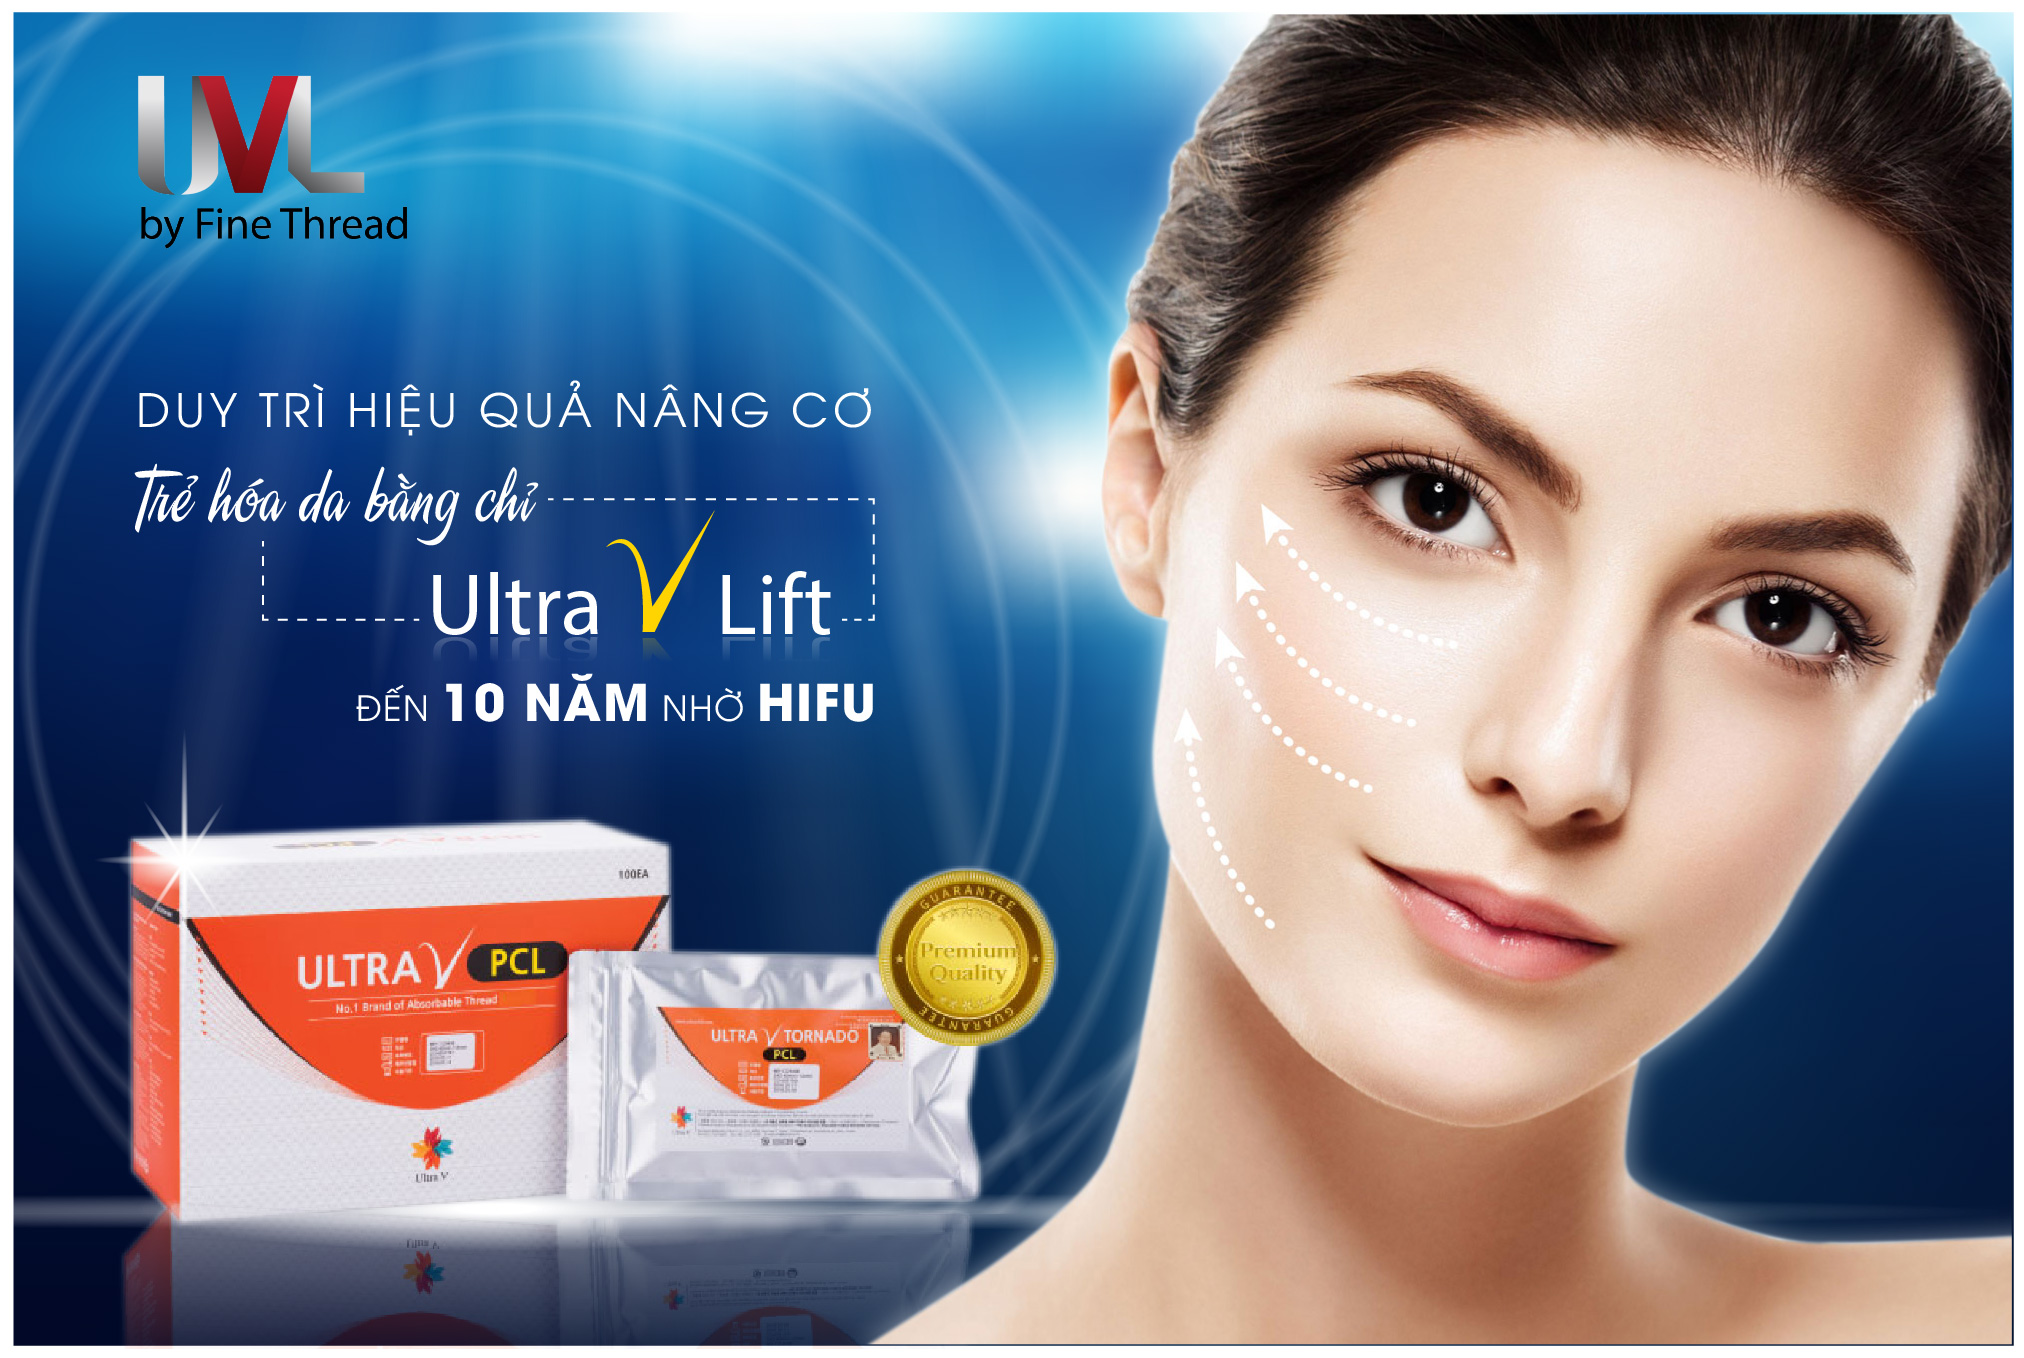 Hifu giúp duy trì hiệu quả nâng cơ, trẻ hóa da lên đến 10 năm mà không cần đến phẫu thuật